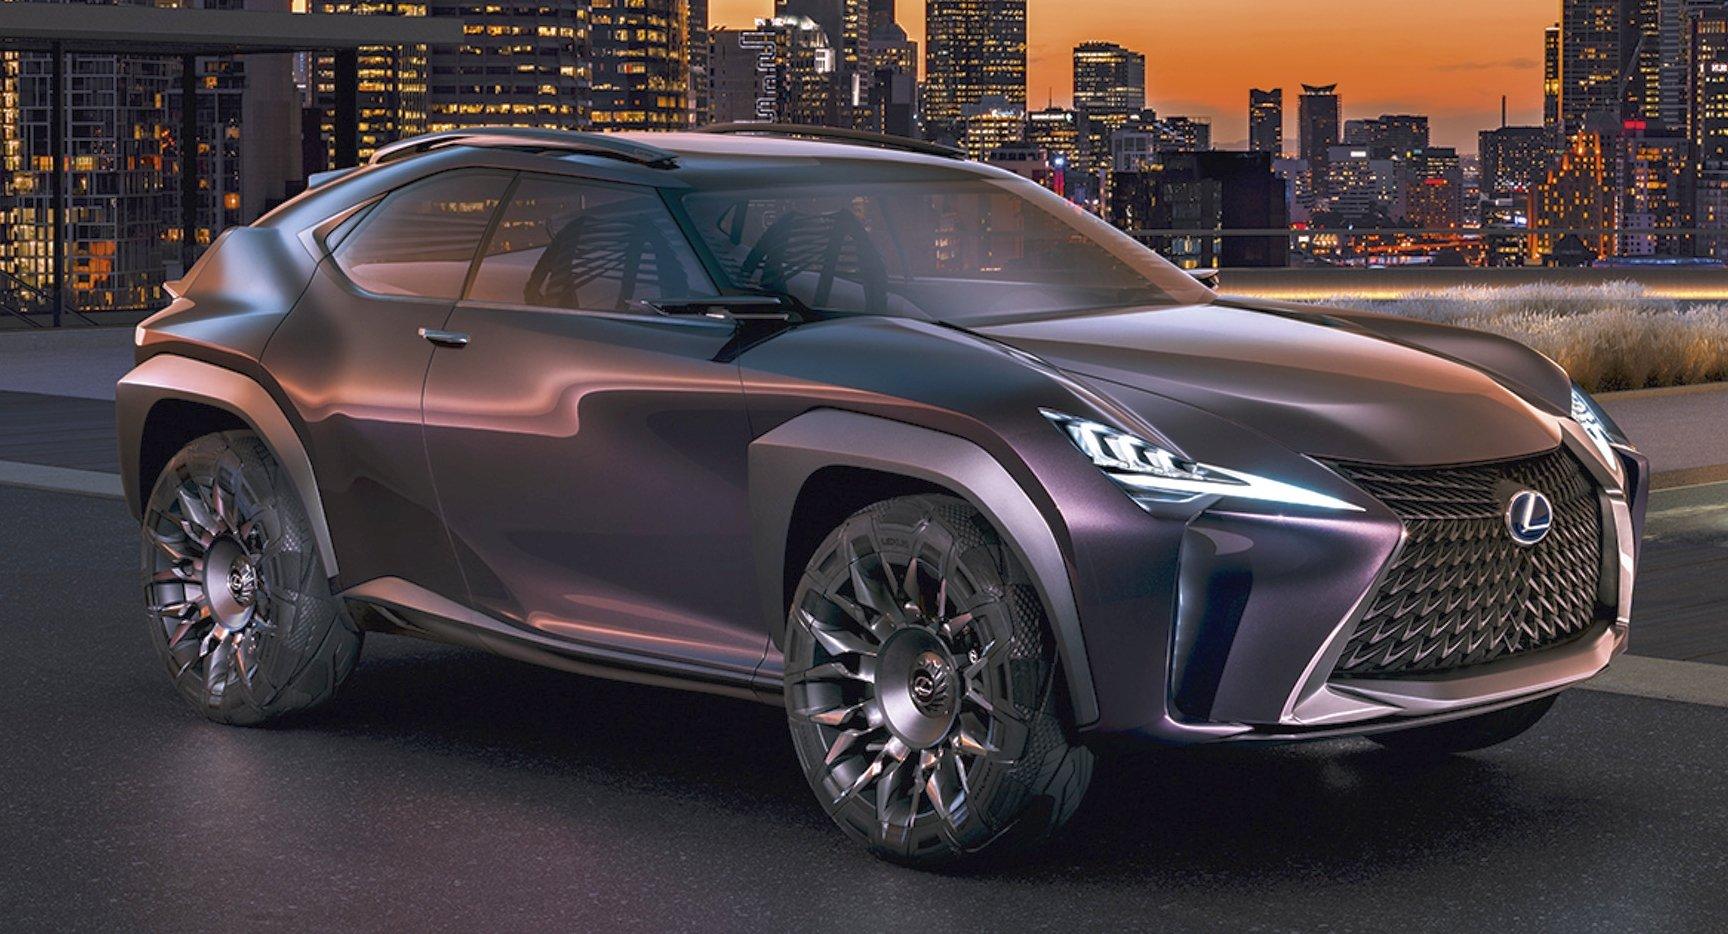 Lexus Ux概念车发布,定位在lexus Nx之下的小型suv。 Paul Tan 汽车资讯网